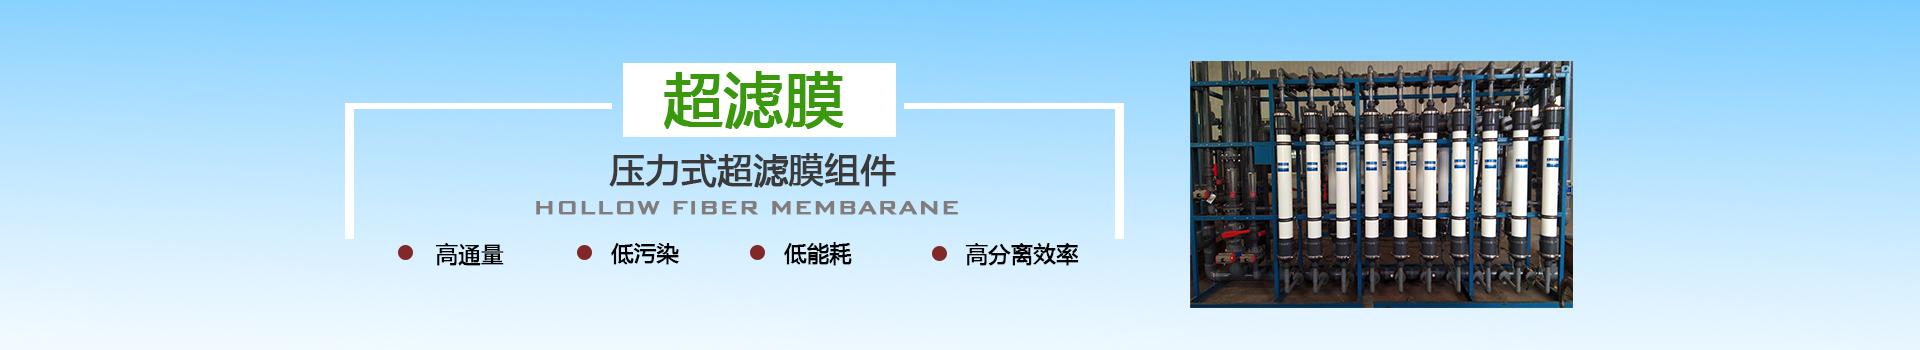 超滤膜banner图1